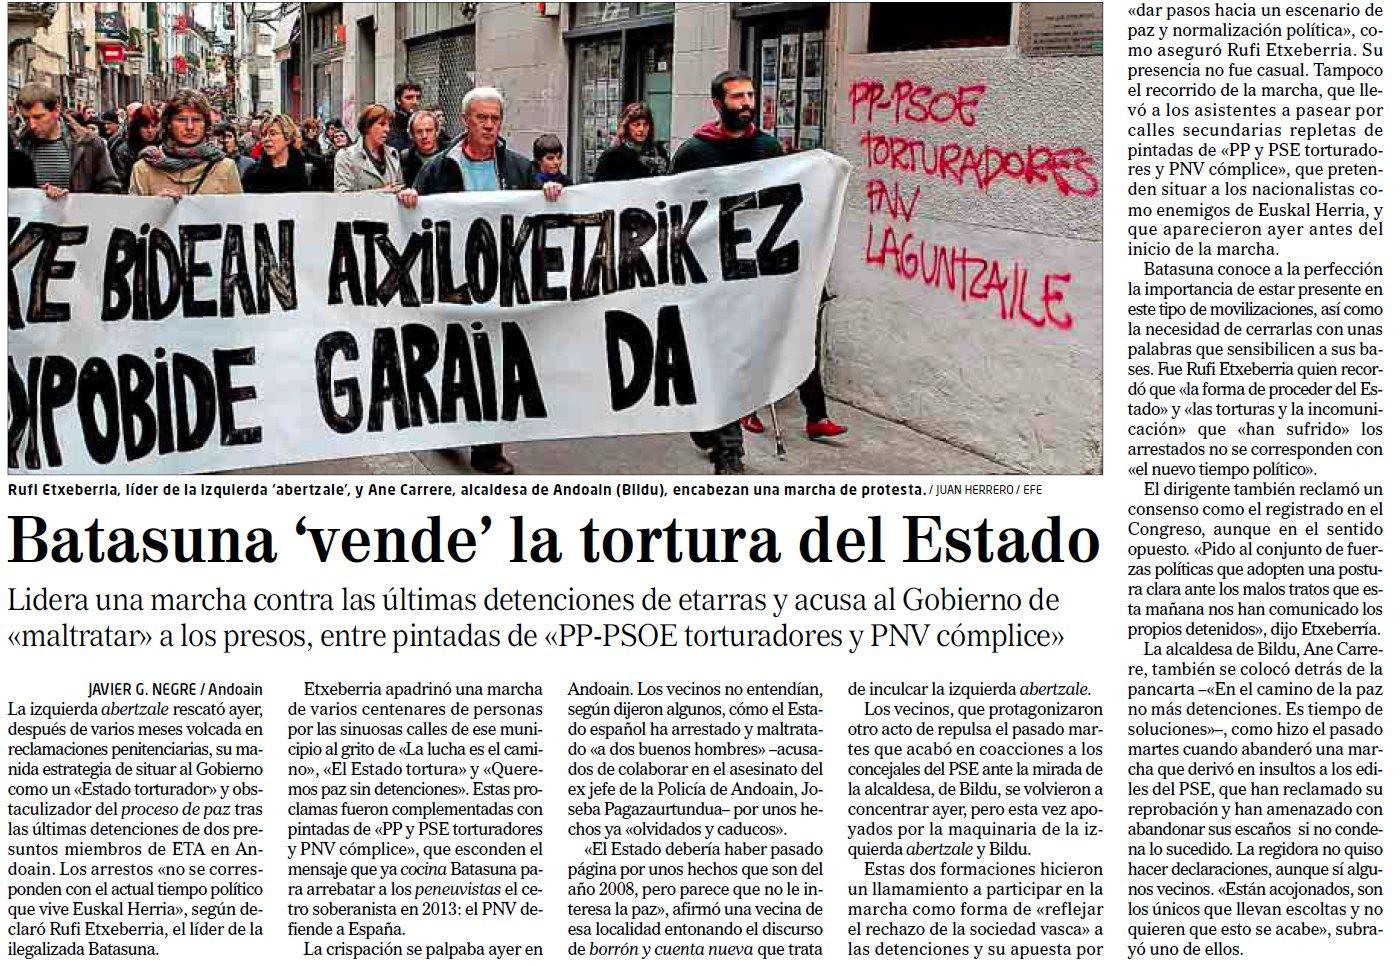 El PSOE quiere arrebatar en la calle lo que le niegan las urnas